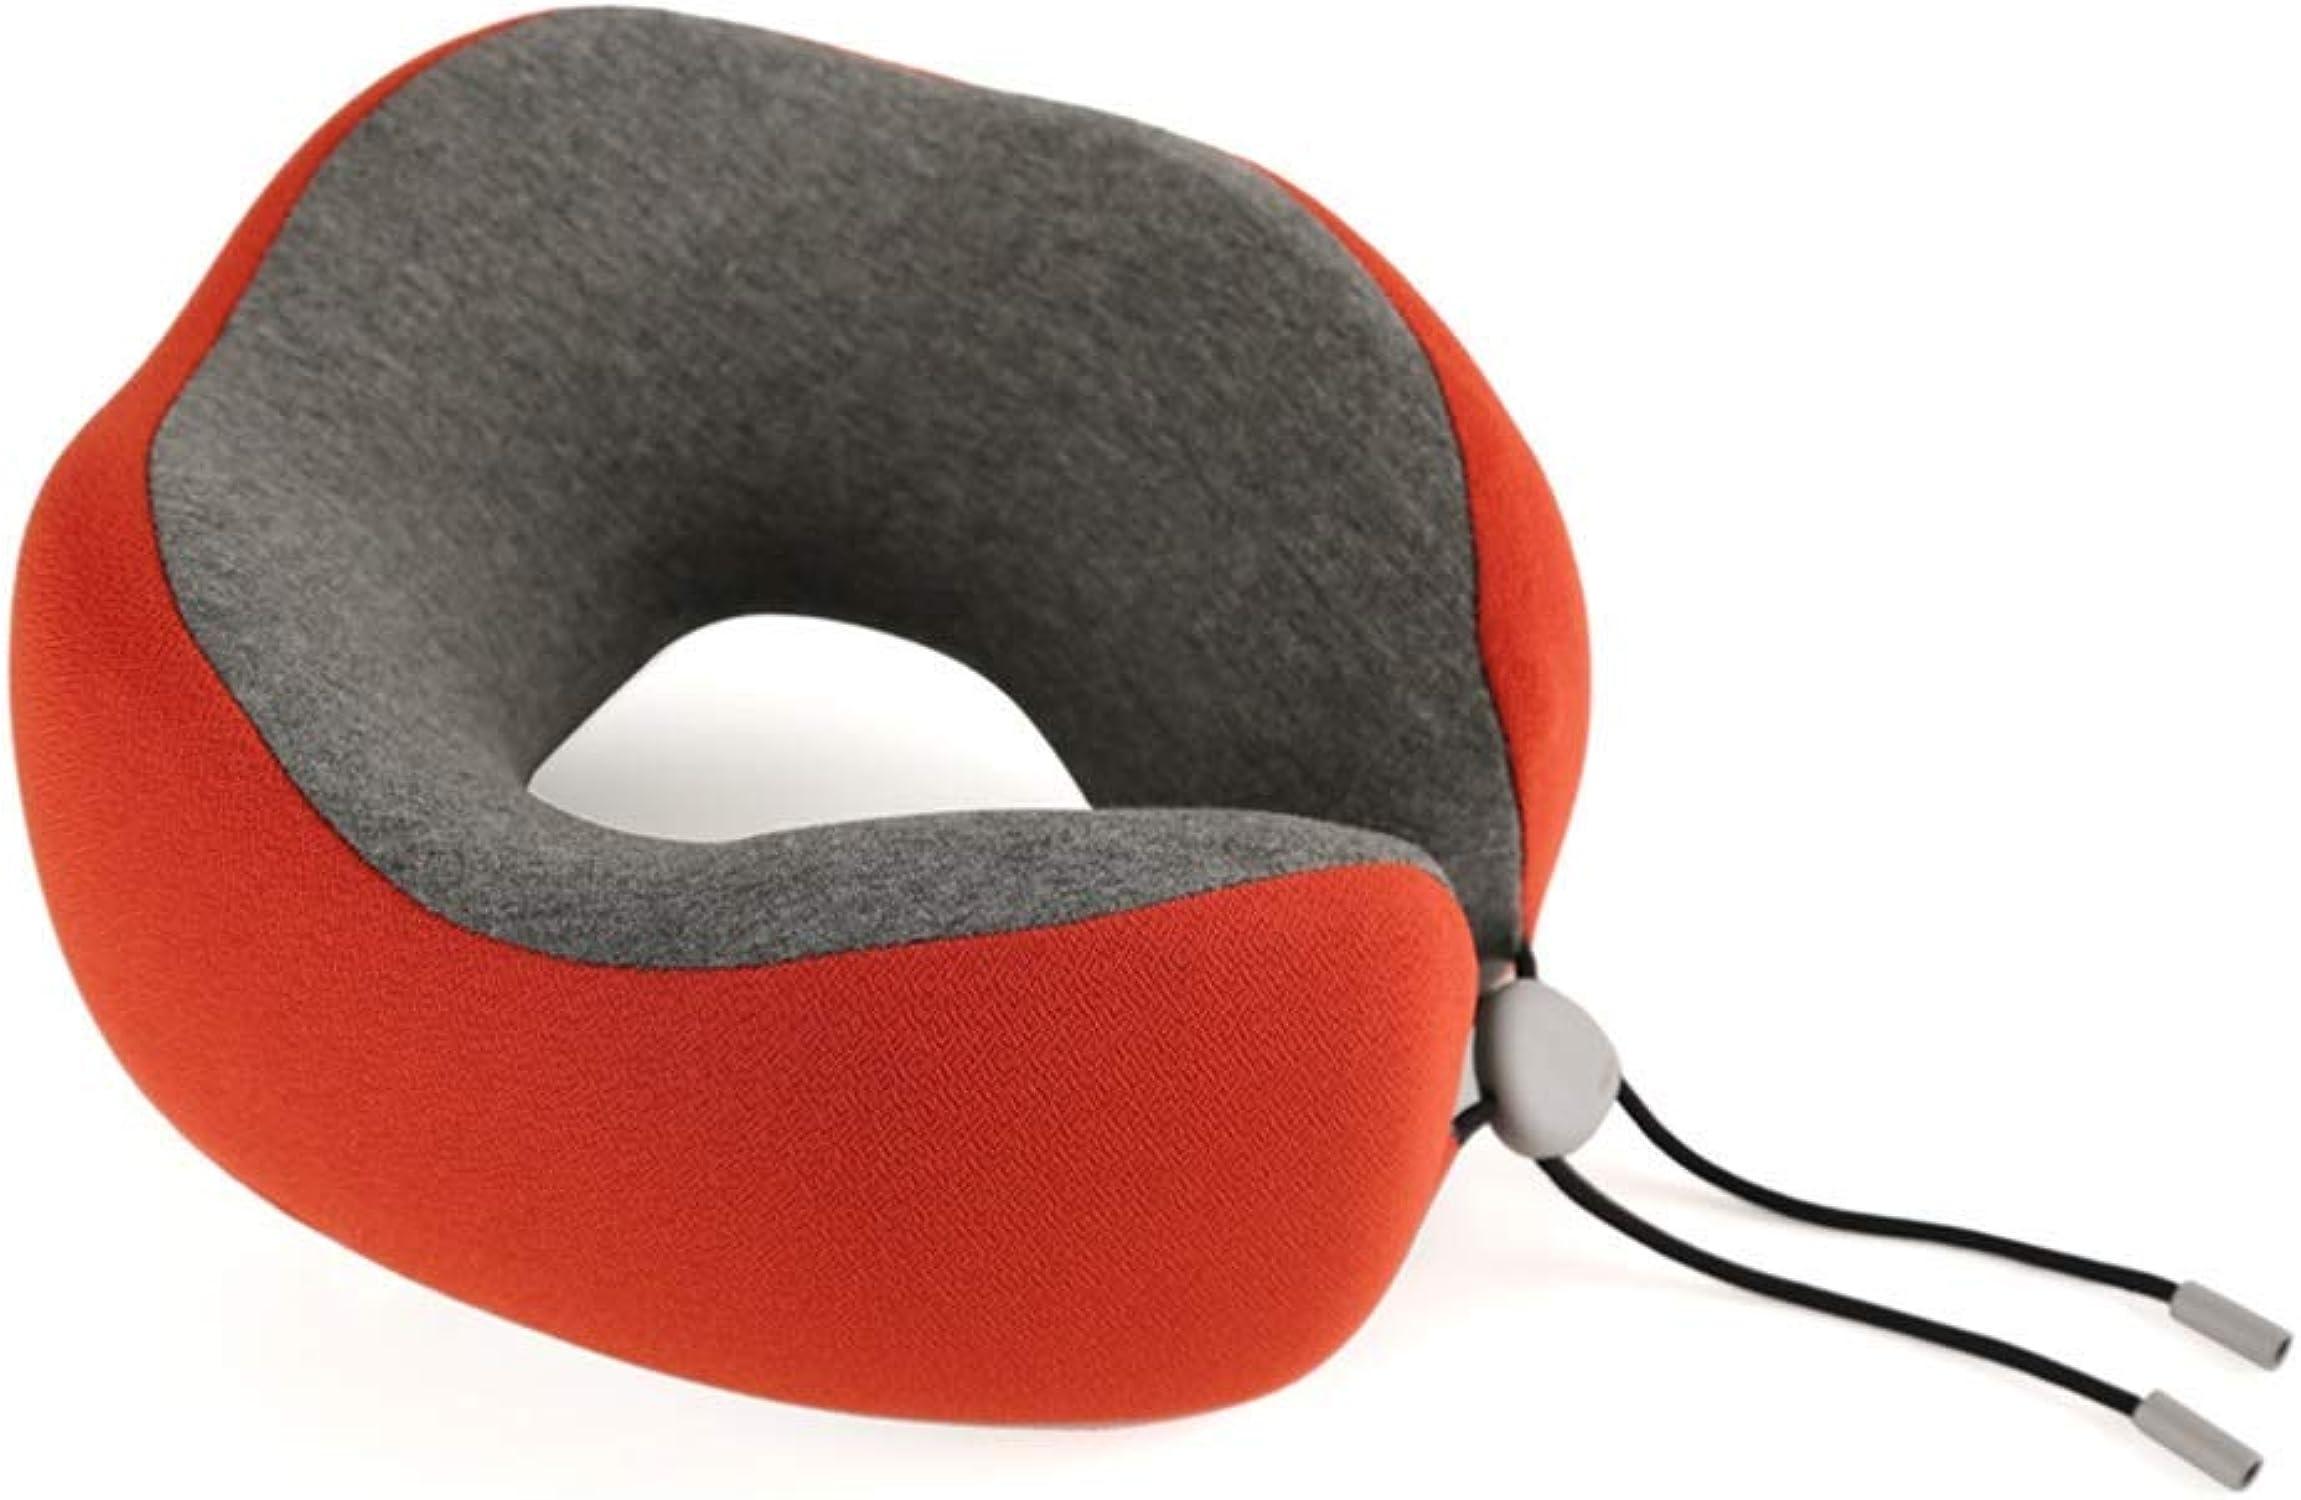 Huayer Oreiller de Voyage pour Voiture - Oreiller de Voyage portable - Sac de RangeHommest - Coton à mémoire de Forme - Oreiller Confortable pour Le Cou